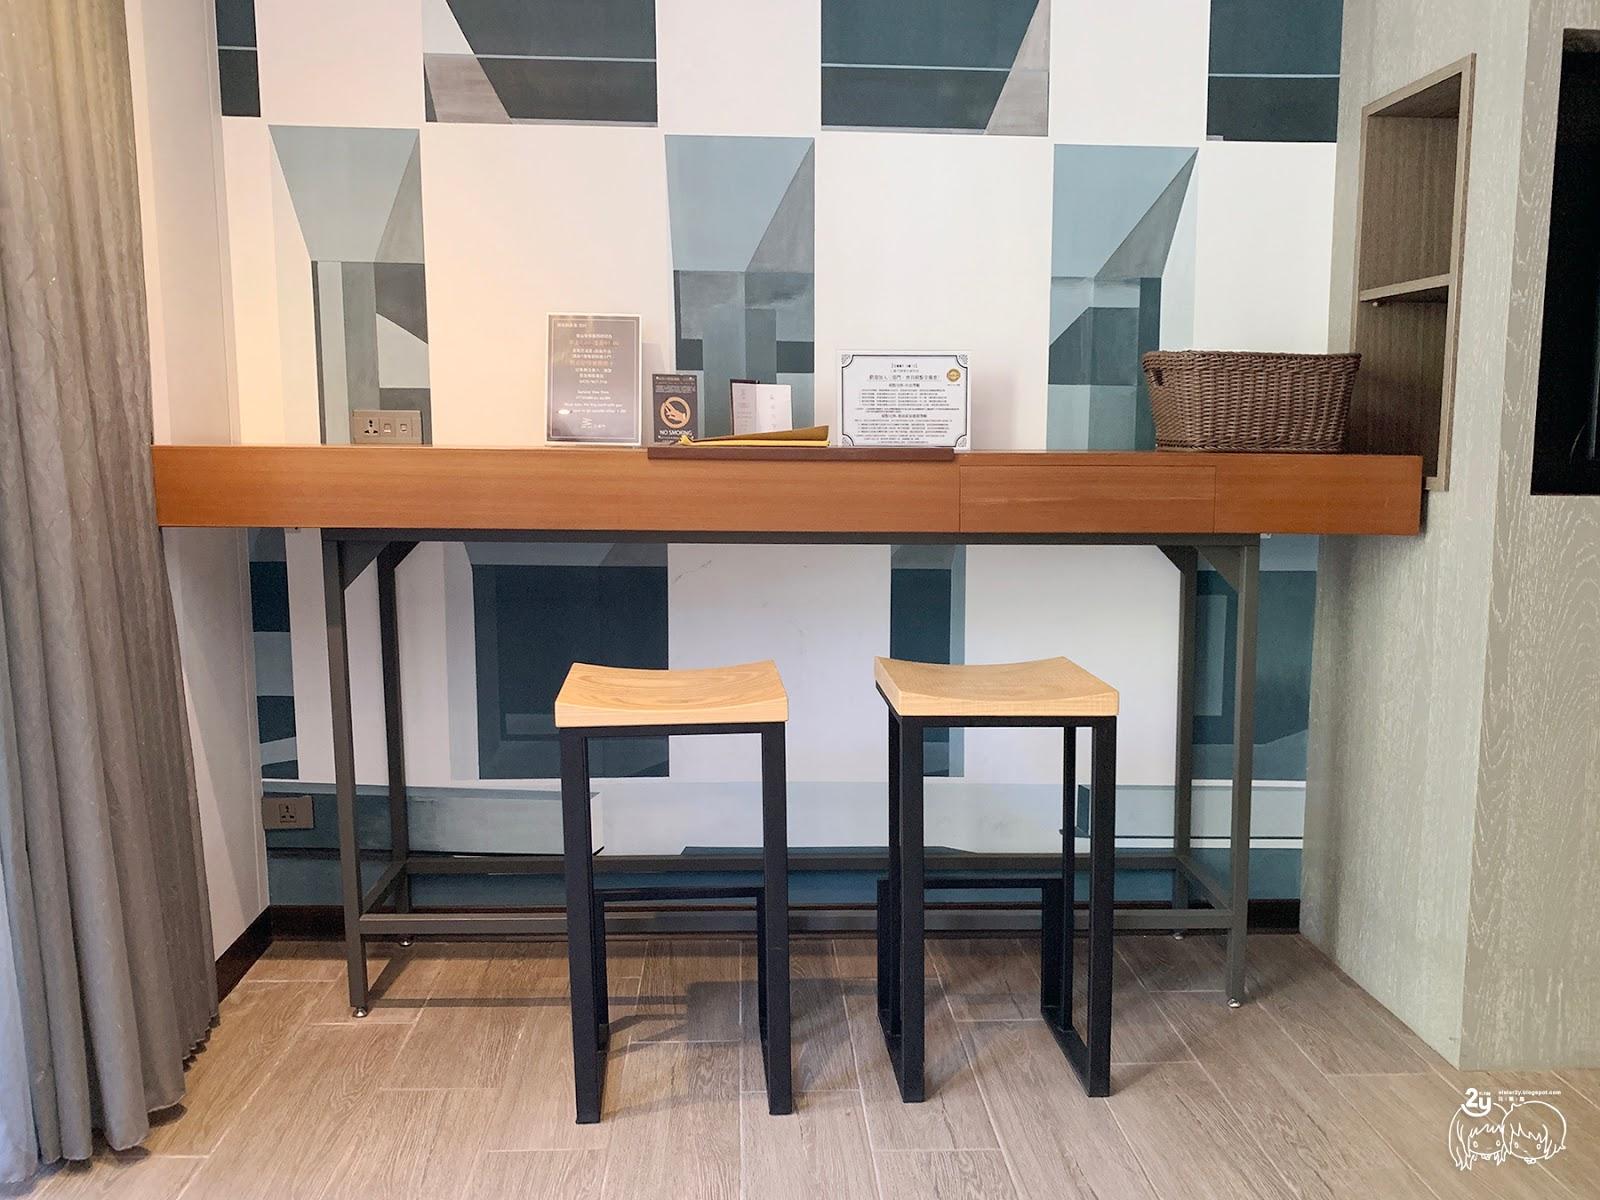 台南|中西區 三道門建築文創旅店3 Doors|著重隱私的優質品質| 五星等級的執事管家貼心服務|安心隱密| 空中花園天台|台南住宿推薦